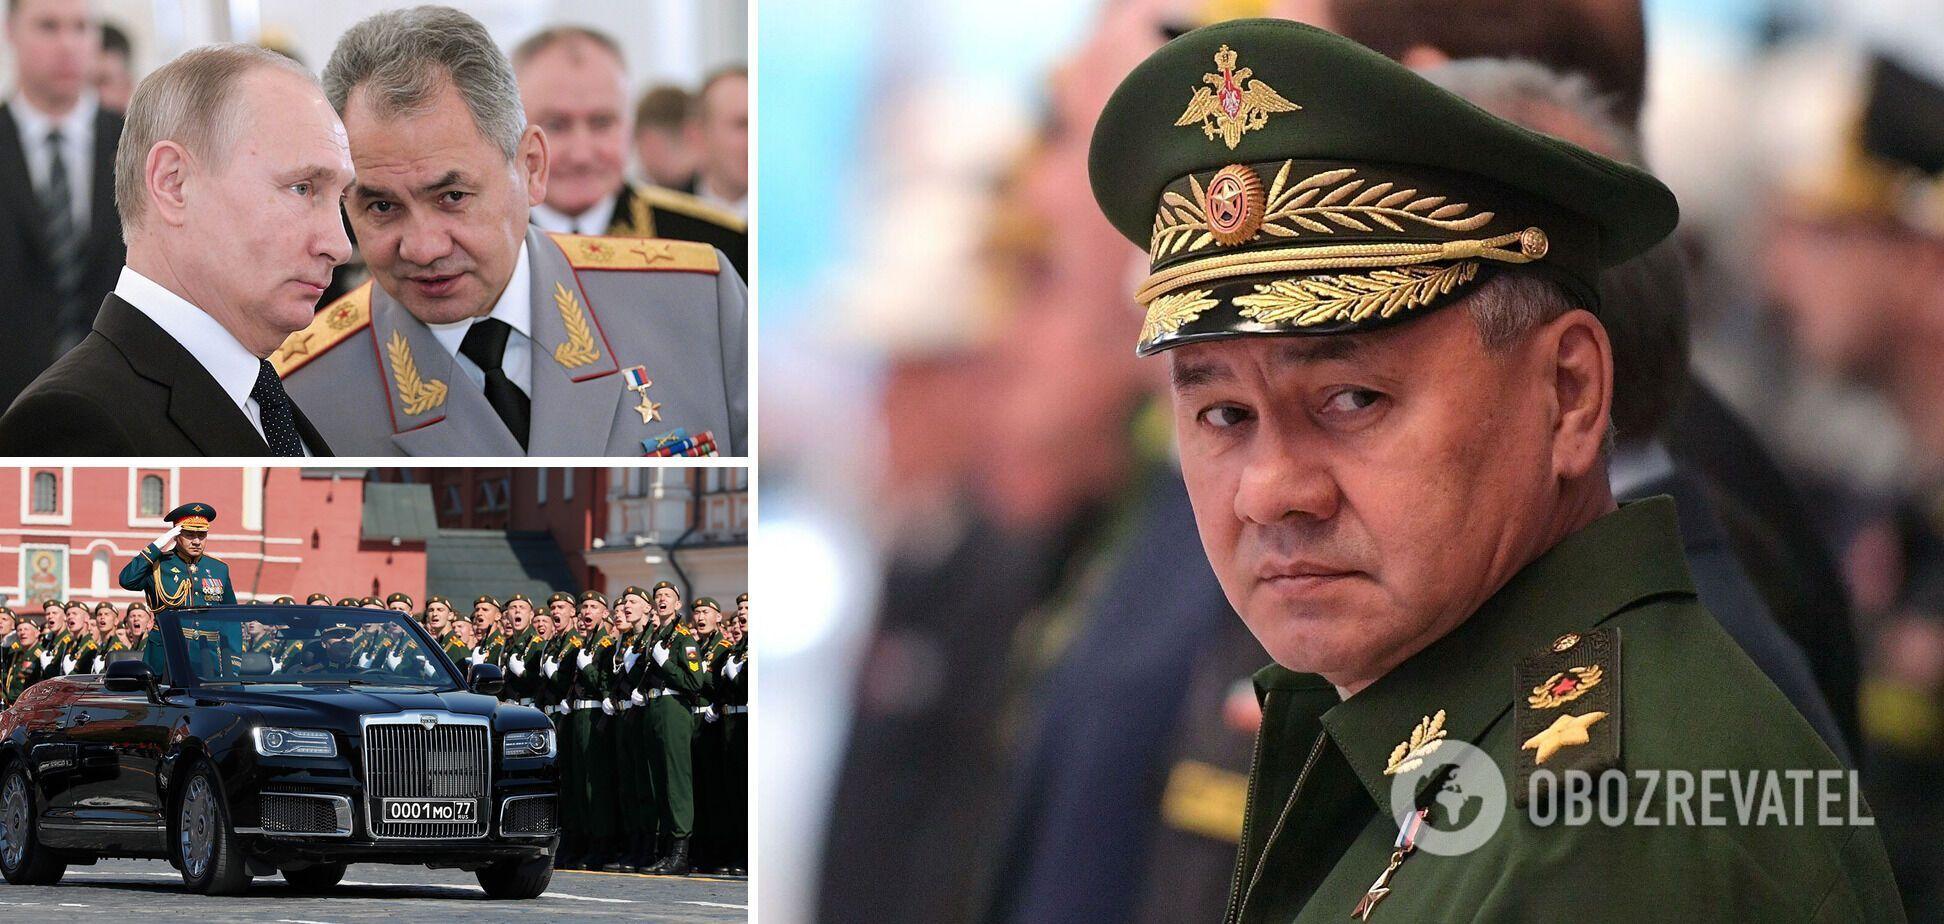 Тень Шойгу. Преемником Путина станет идеолог нового вторжения в Украину?